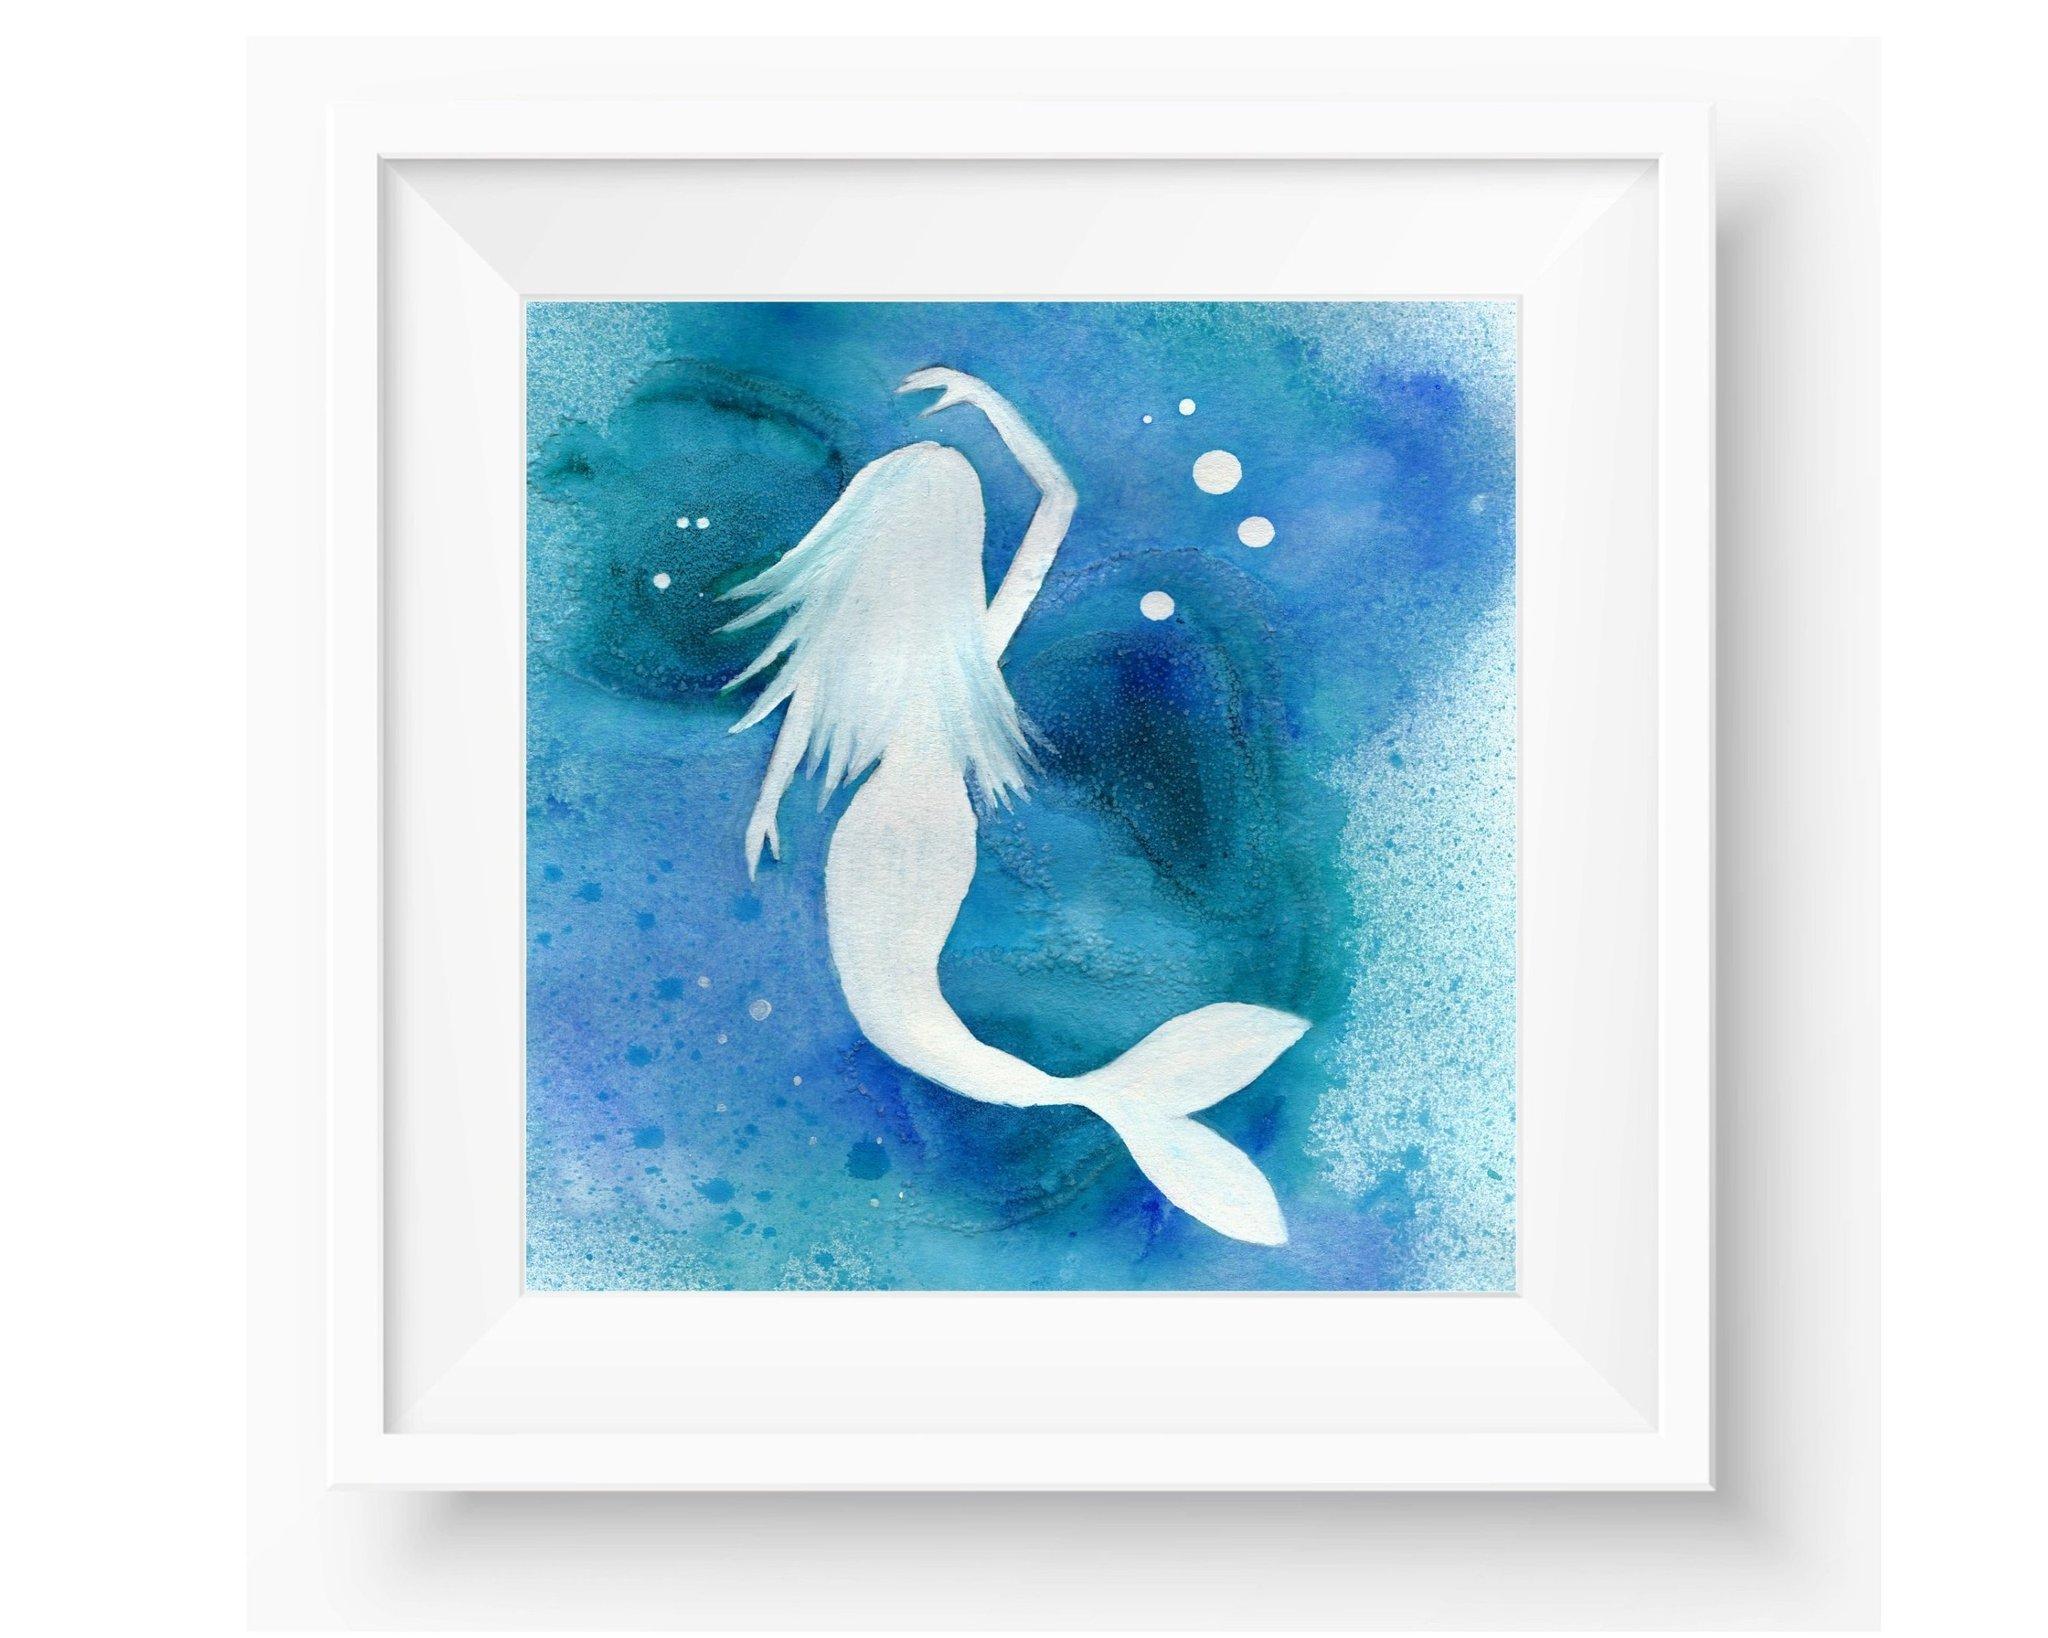 2048x1638 Saltwater Mermaid